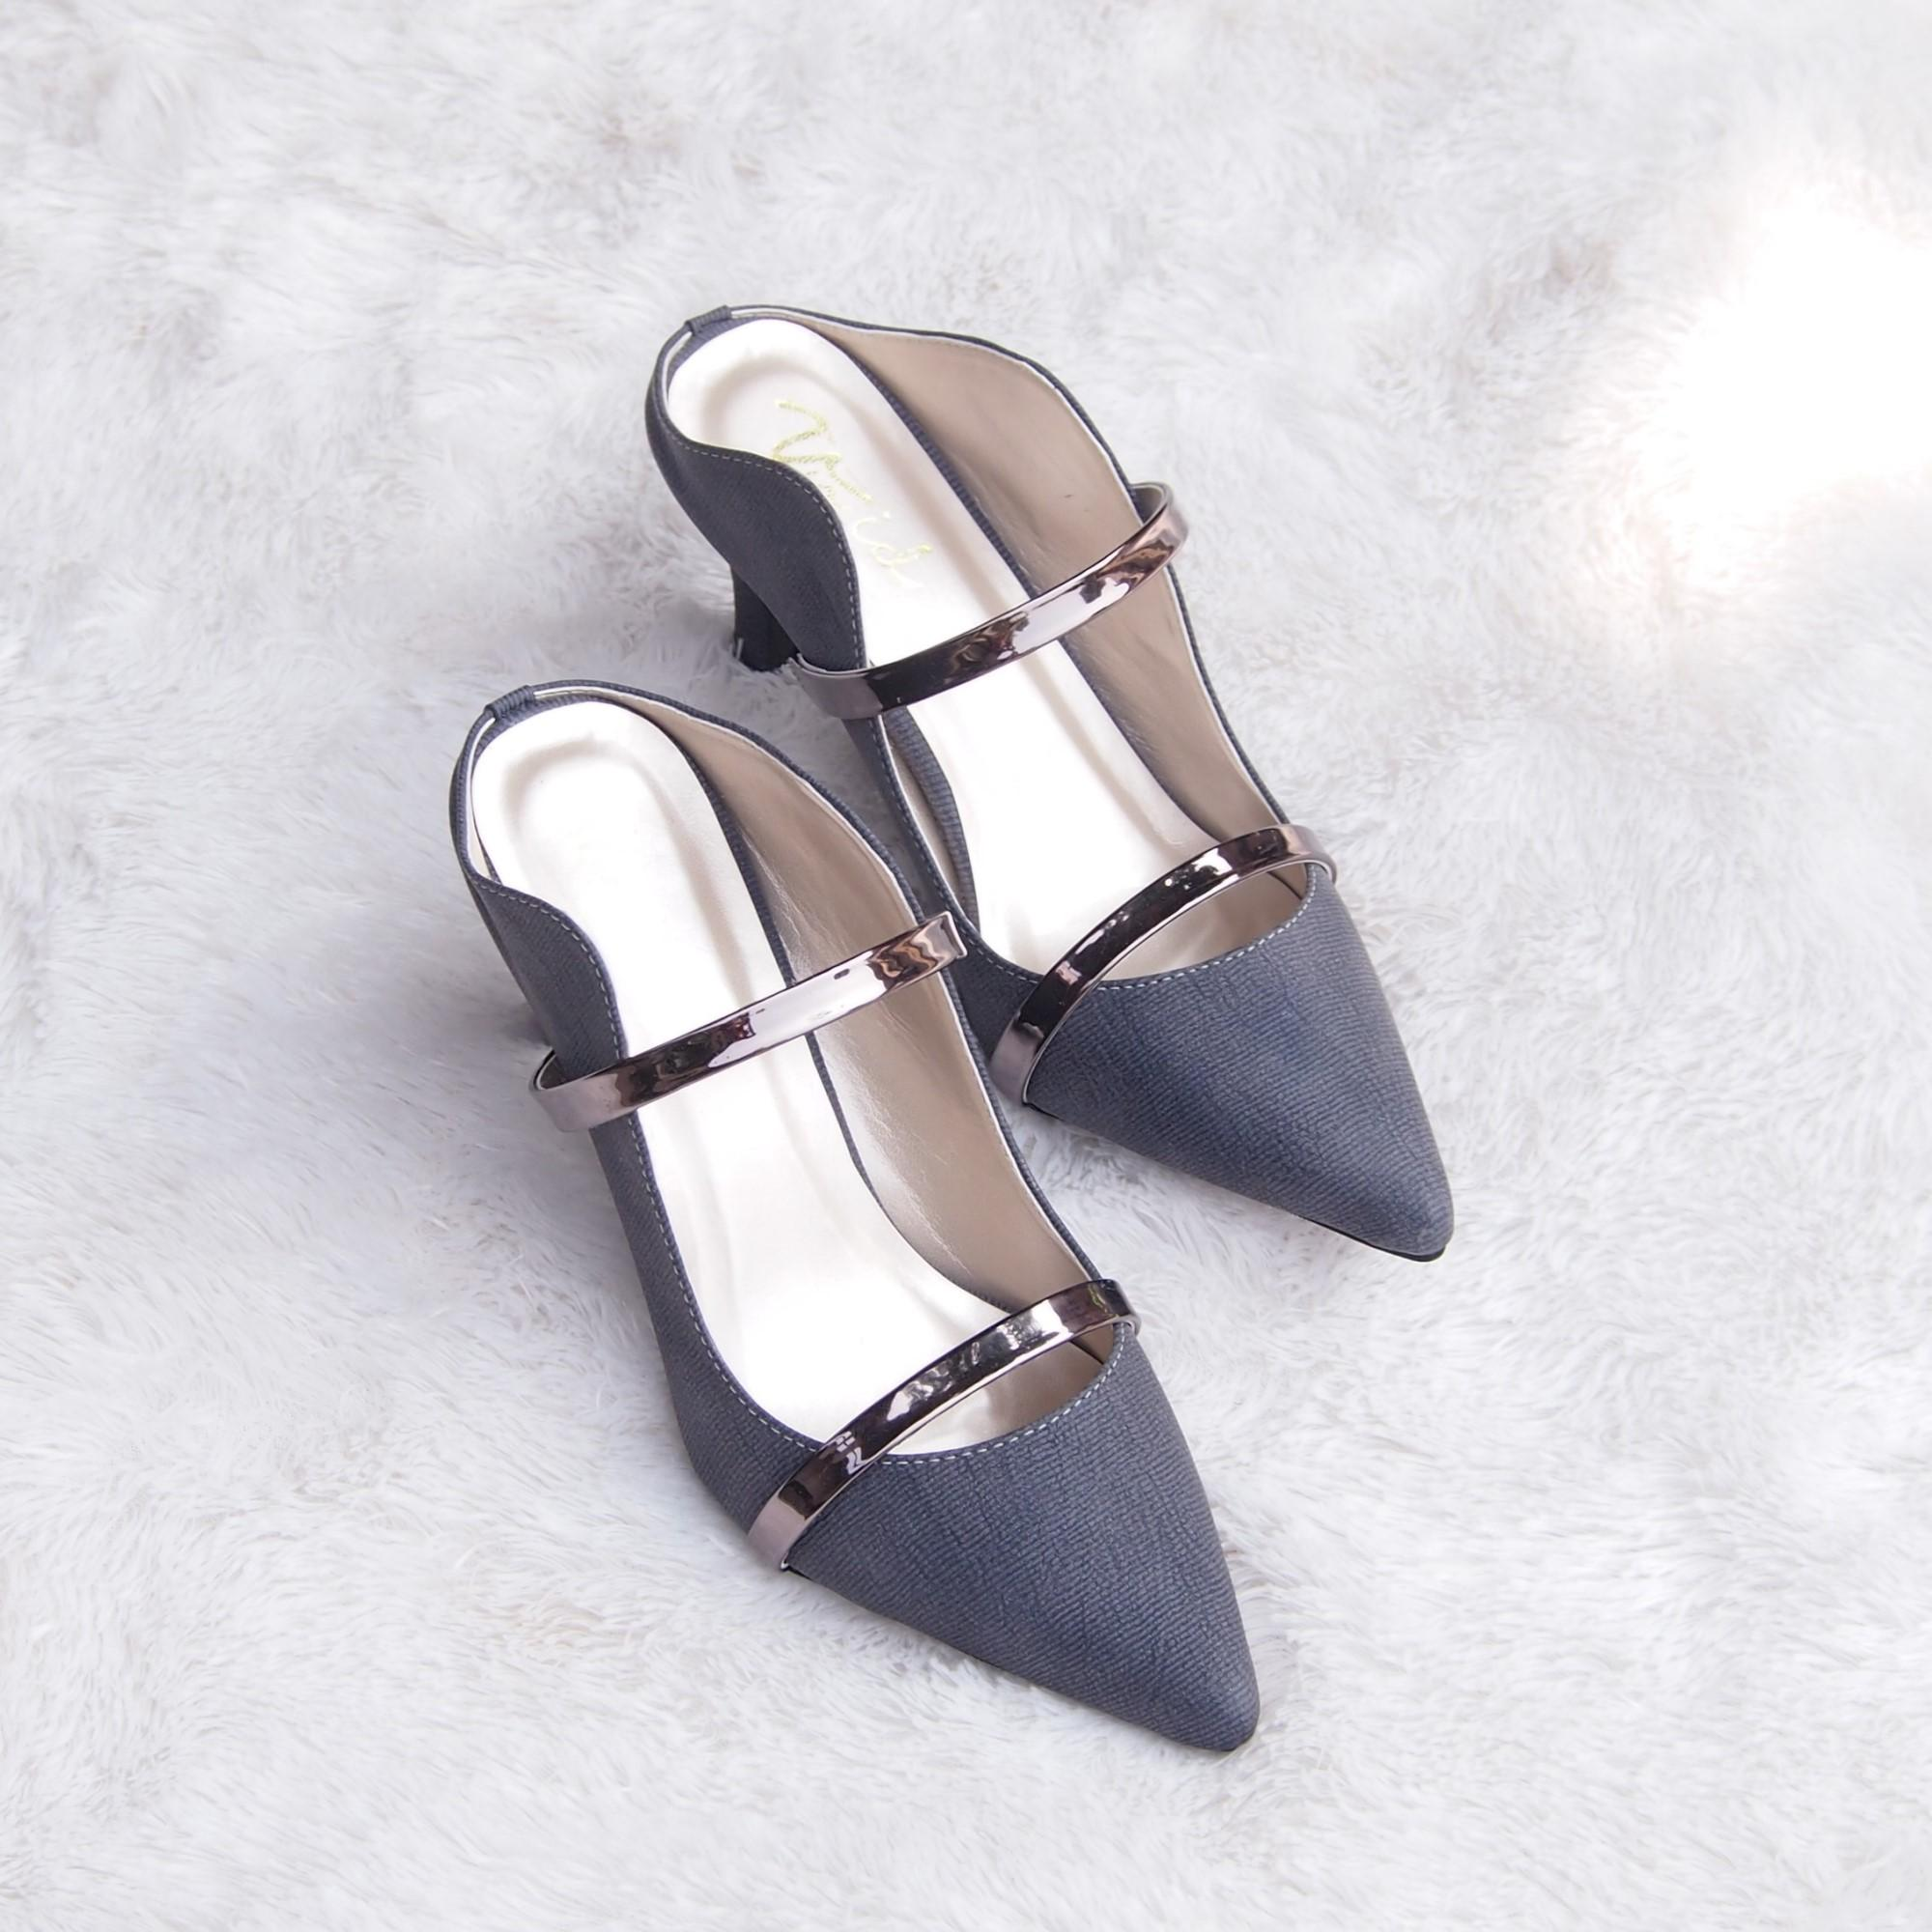 Pumps Shoes - Sepatu Hak Tinggi Kualitas Premium ASY01